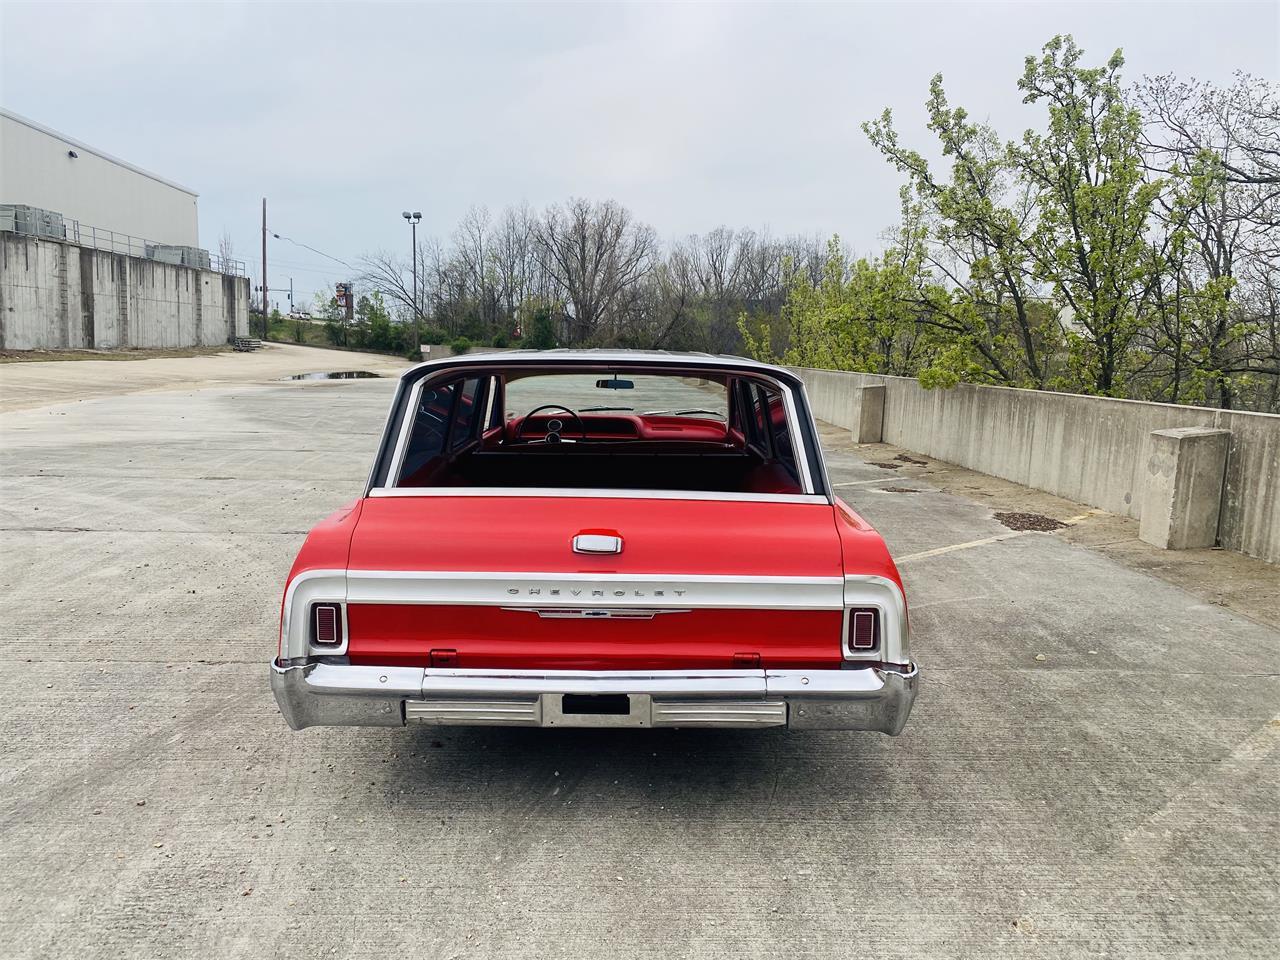 1964 Chevrolet Impala (CC-1336356) for sale in Branson, Missouri